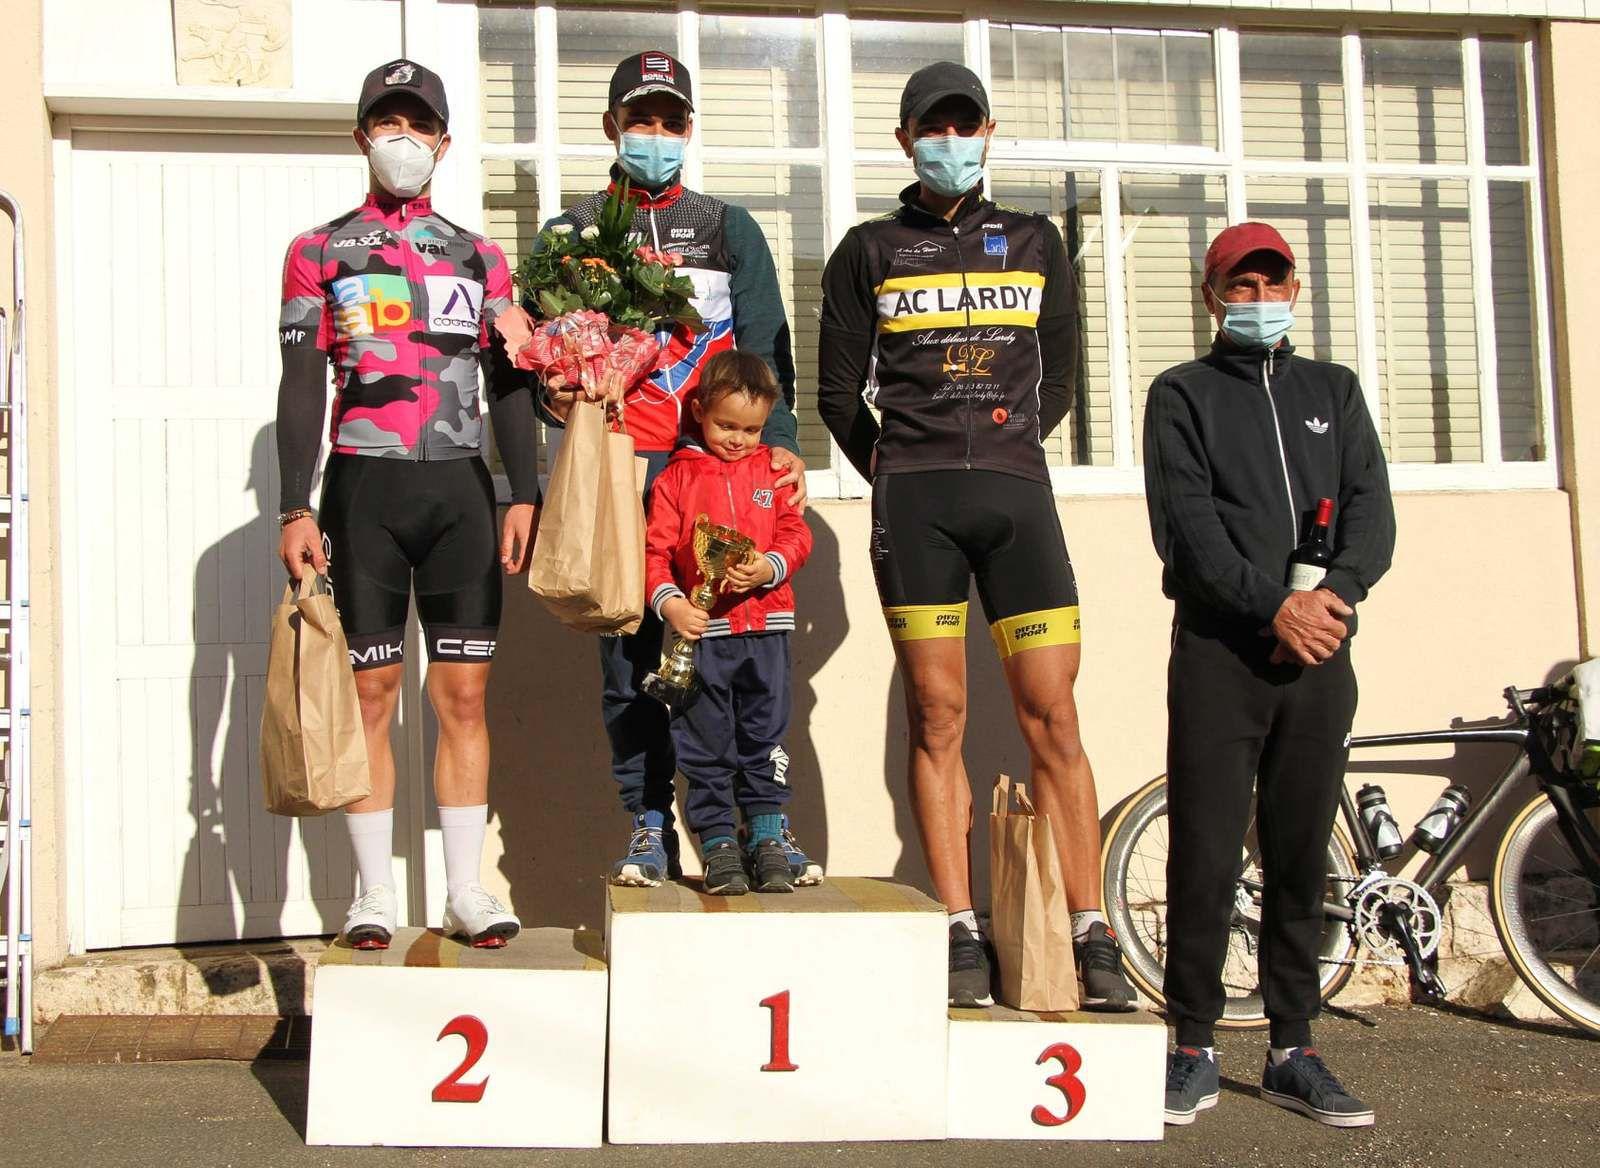 Les résultats des courses UFOLEP 1 et 2 de Fontenay sur Conie (28)